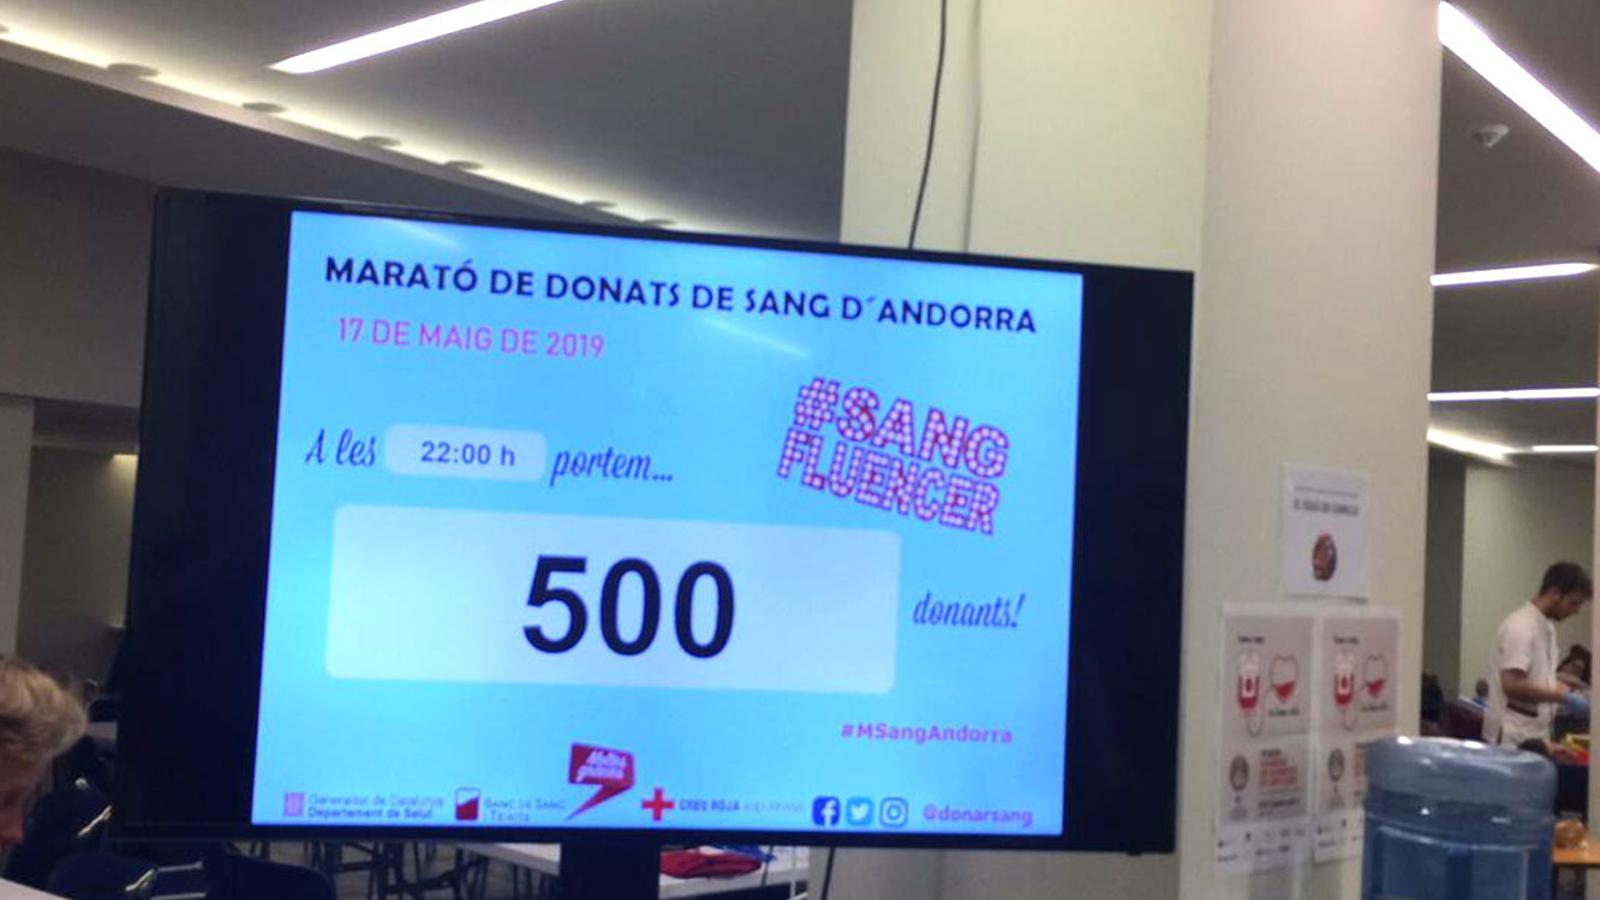 El marcador indicant les 500 donacions. / CREU ROJA ANDORRANA